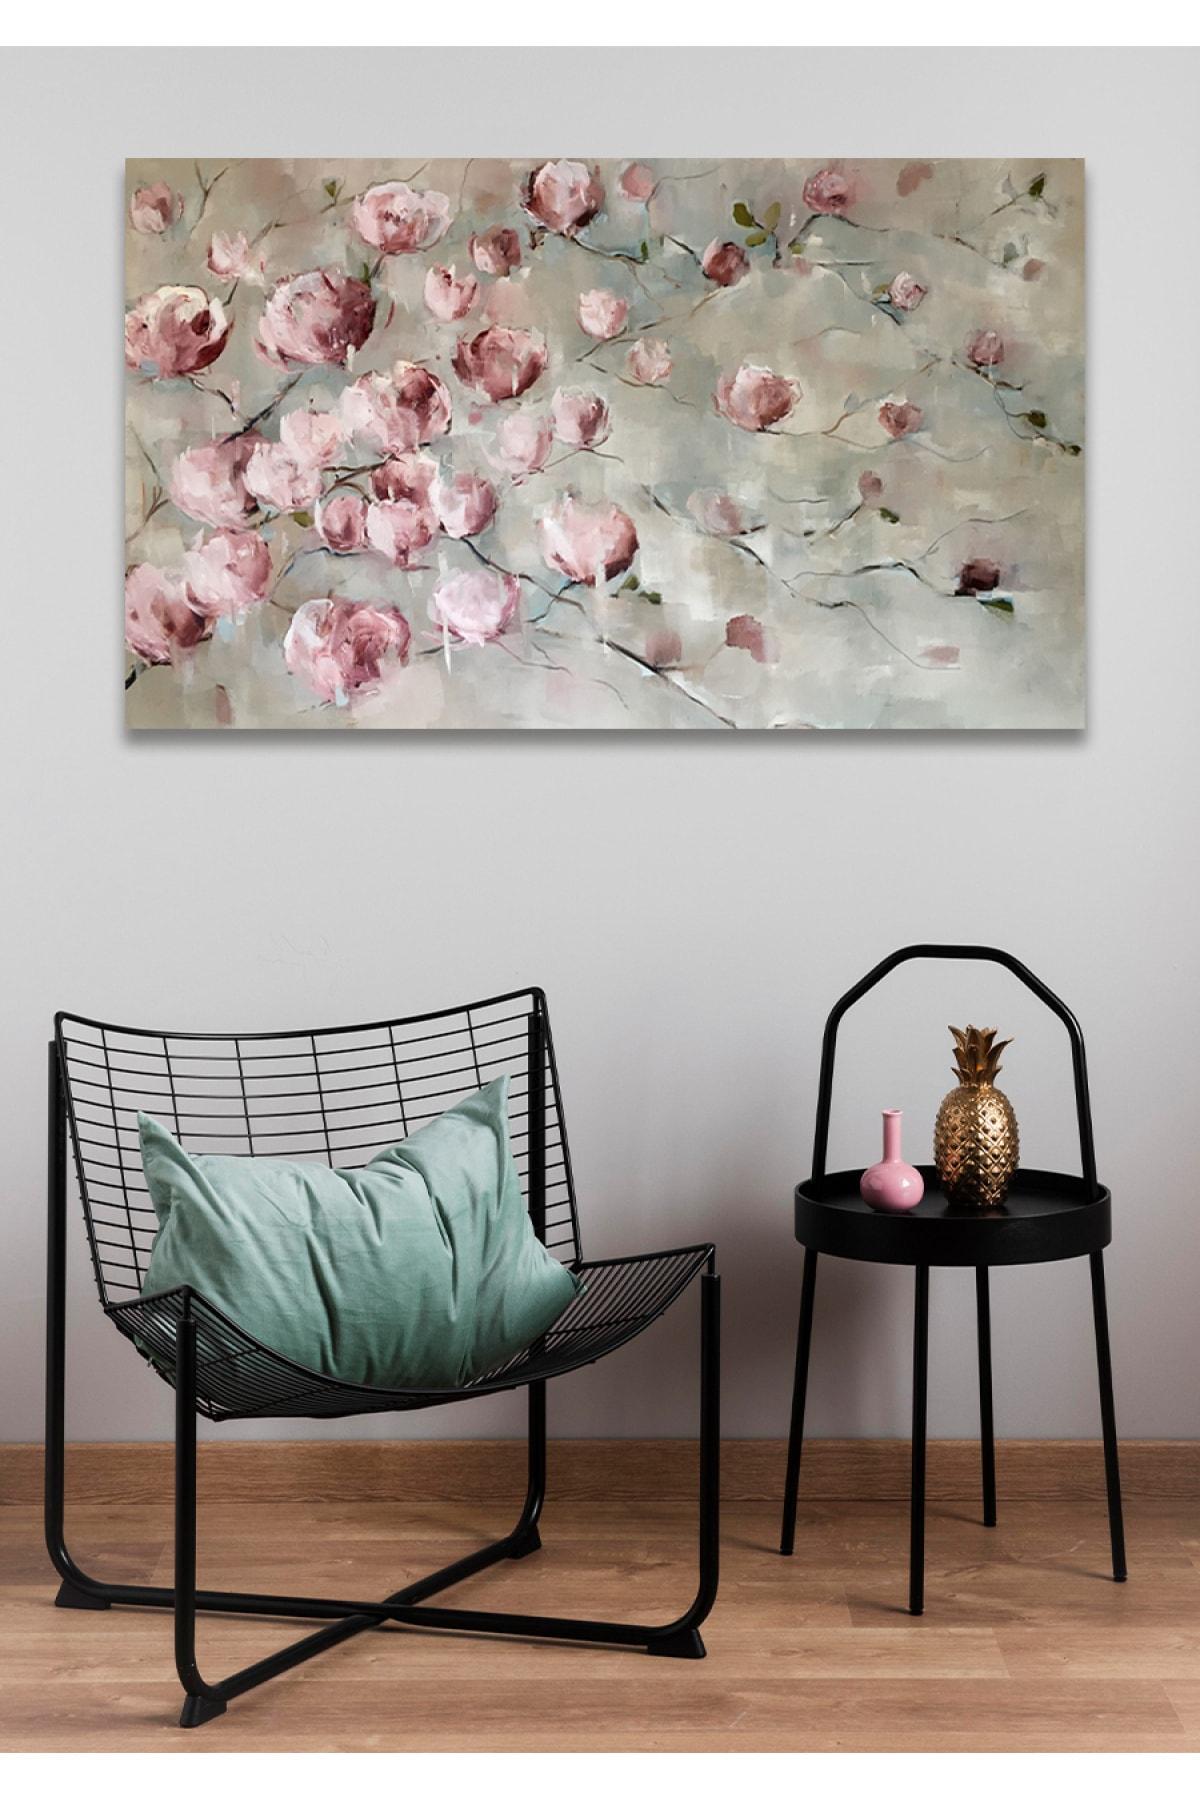 Hediyeler Kapında Pembe Çiçek Duvar Kanvas Tablo 70x100 1